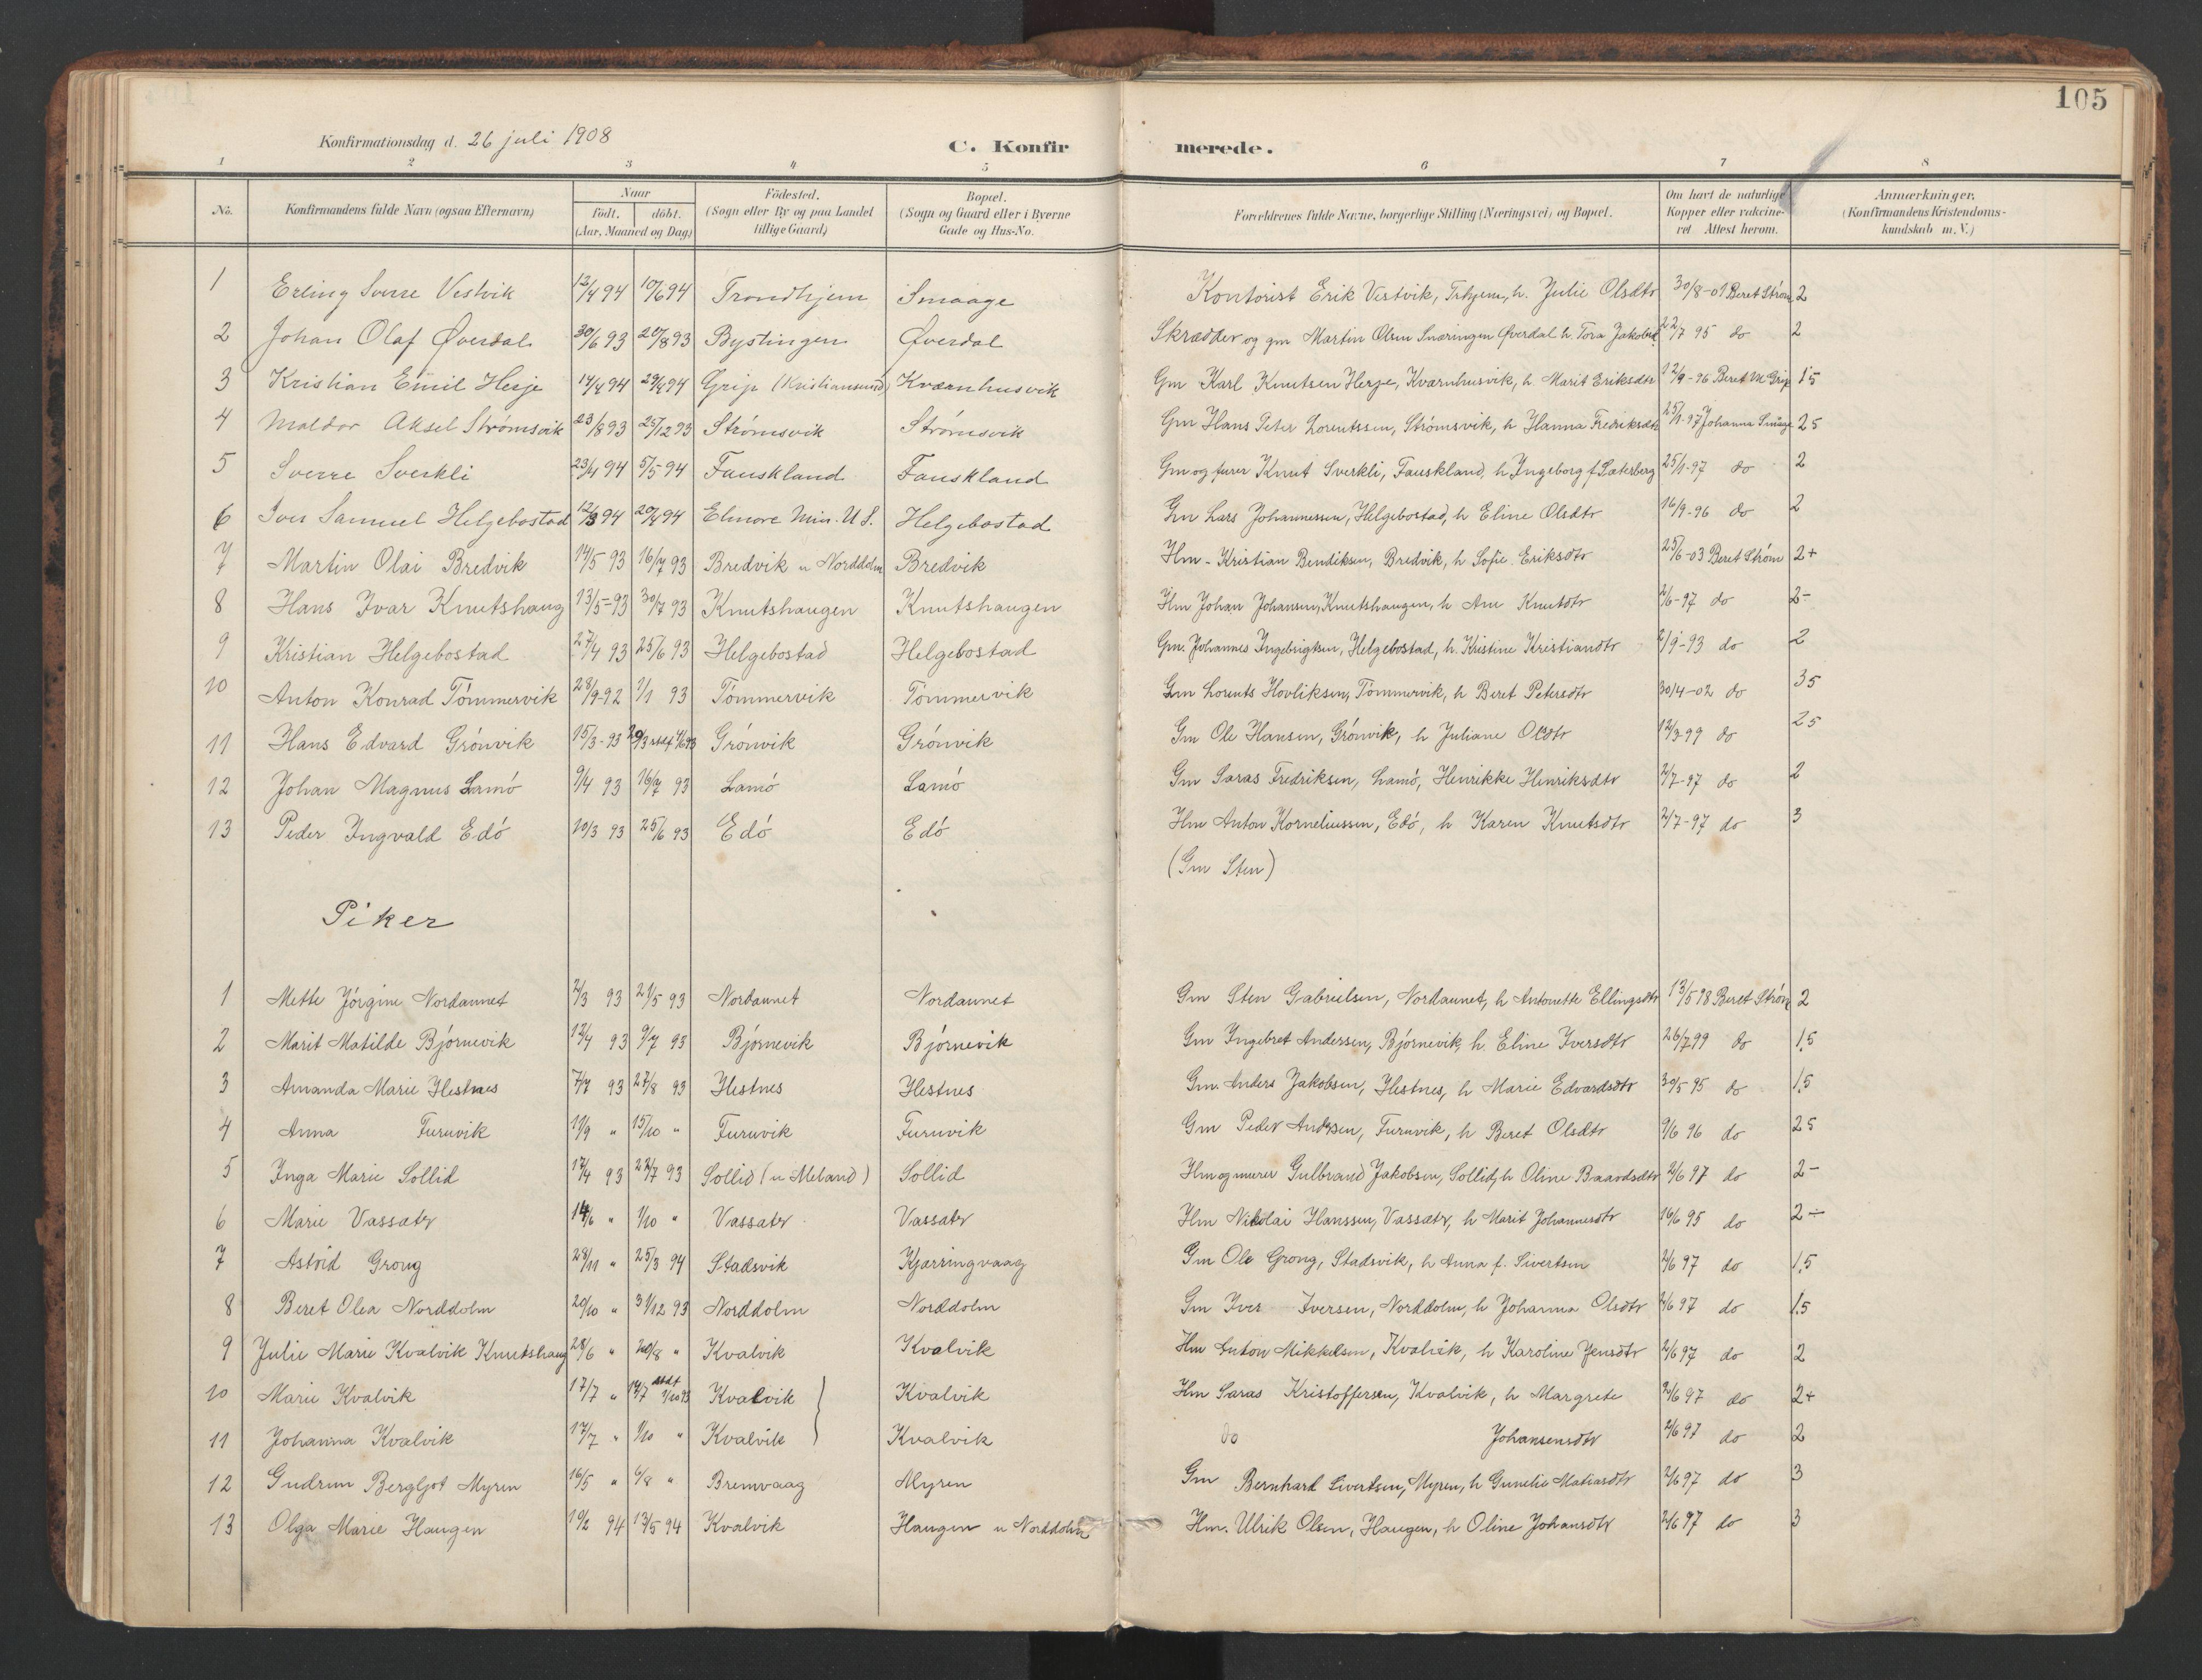 SAT, Ministerialprotokoller, klokkerbøker og fødselsregistre - Sør-Trøndelag, 634/L0537: Ministerialbok nr. 634A13, 1896-1922, s. 105